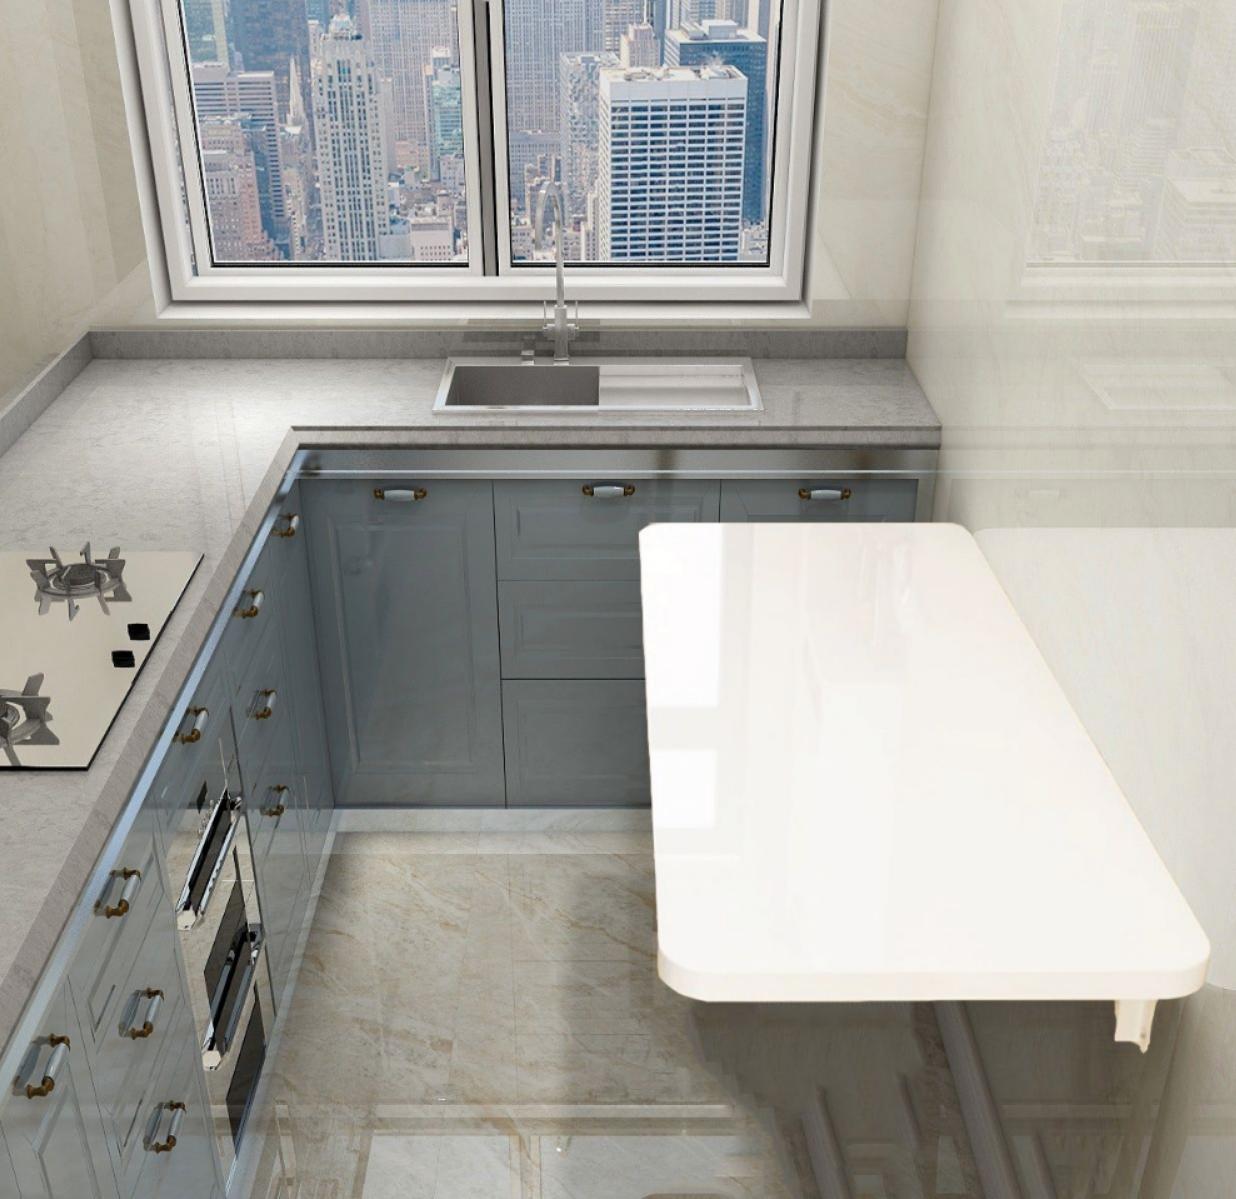 免打孔壁挂折叠桌白色烤漆厨房壁桌小户型家用餐桌隐形挂墙学习桌